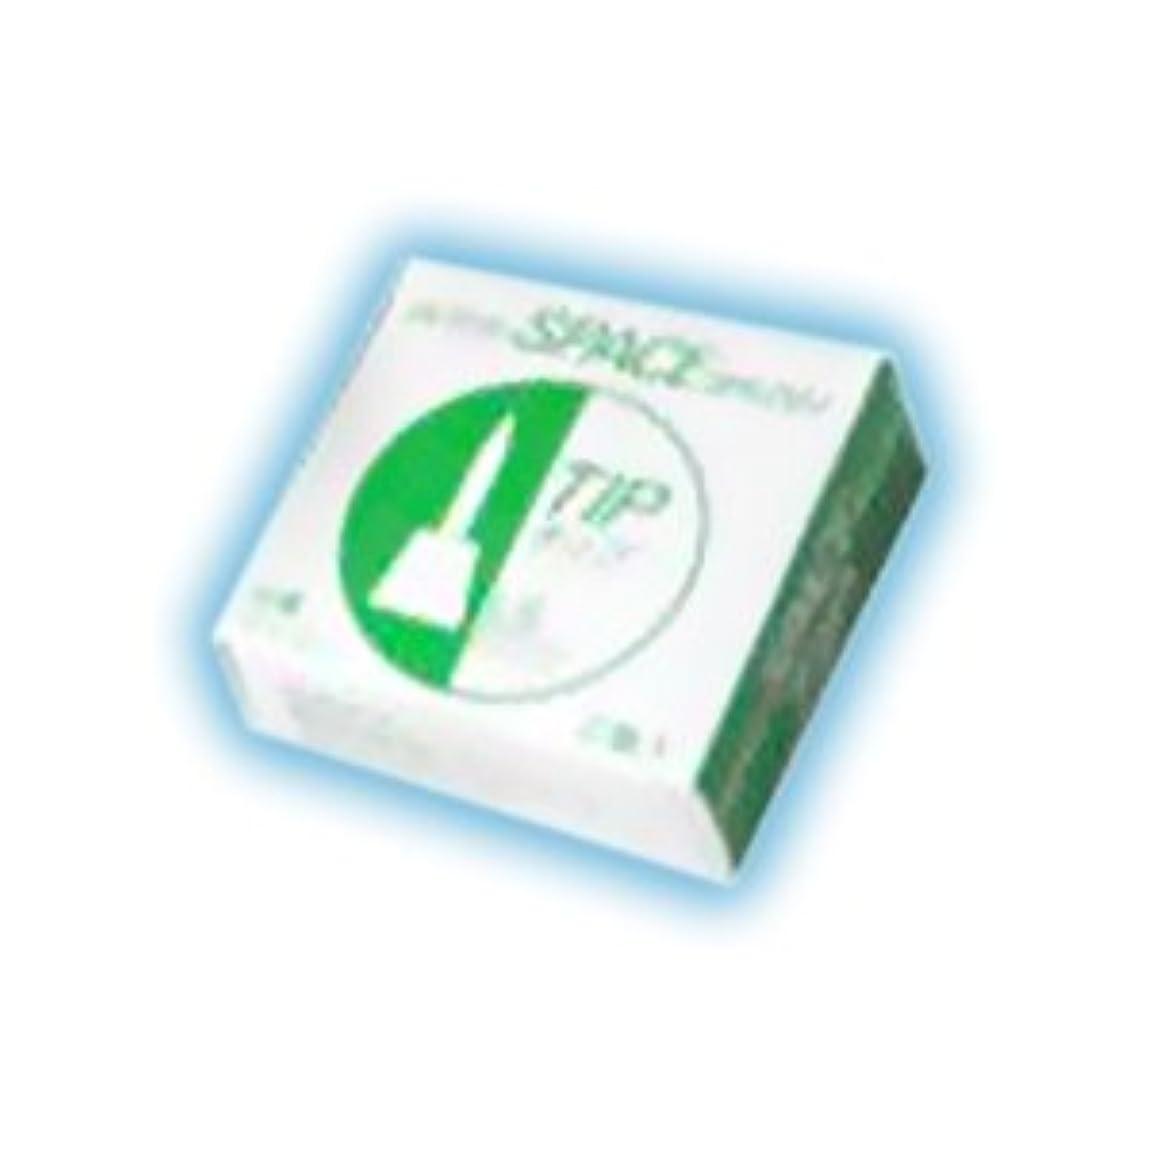 便益思いやりのあるピルファーインタースペース ・ ブラシ 専用 替えブラシ 2個入 ロング ・ ソフト LS